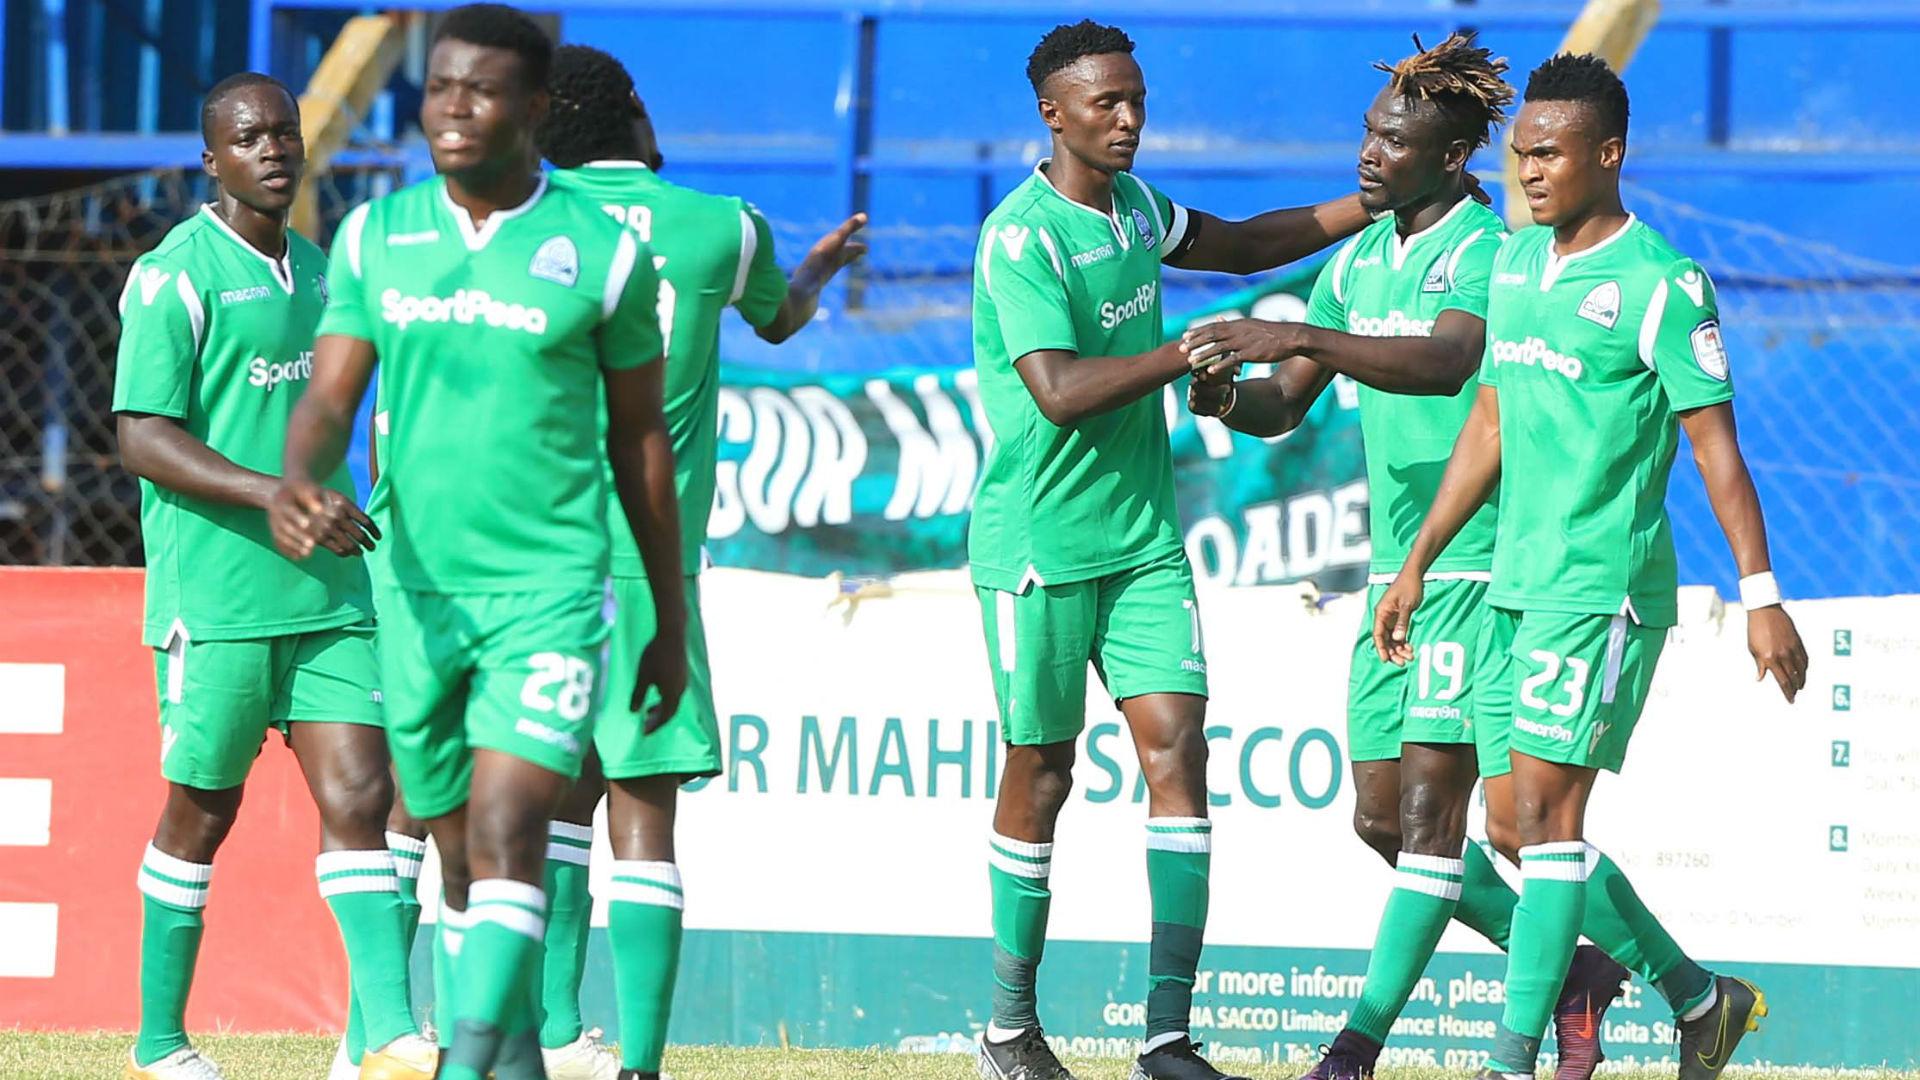 Gor Mahia v KCB Match Report, 22/09/2019, KPL | Goal.com